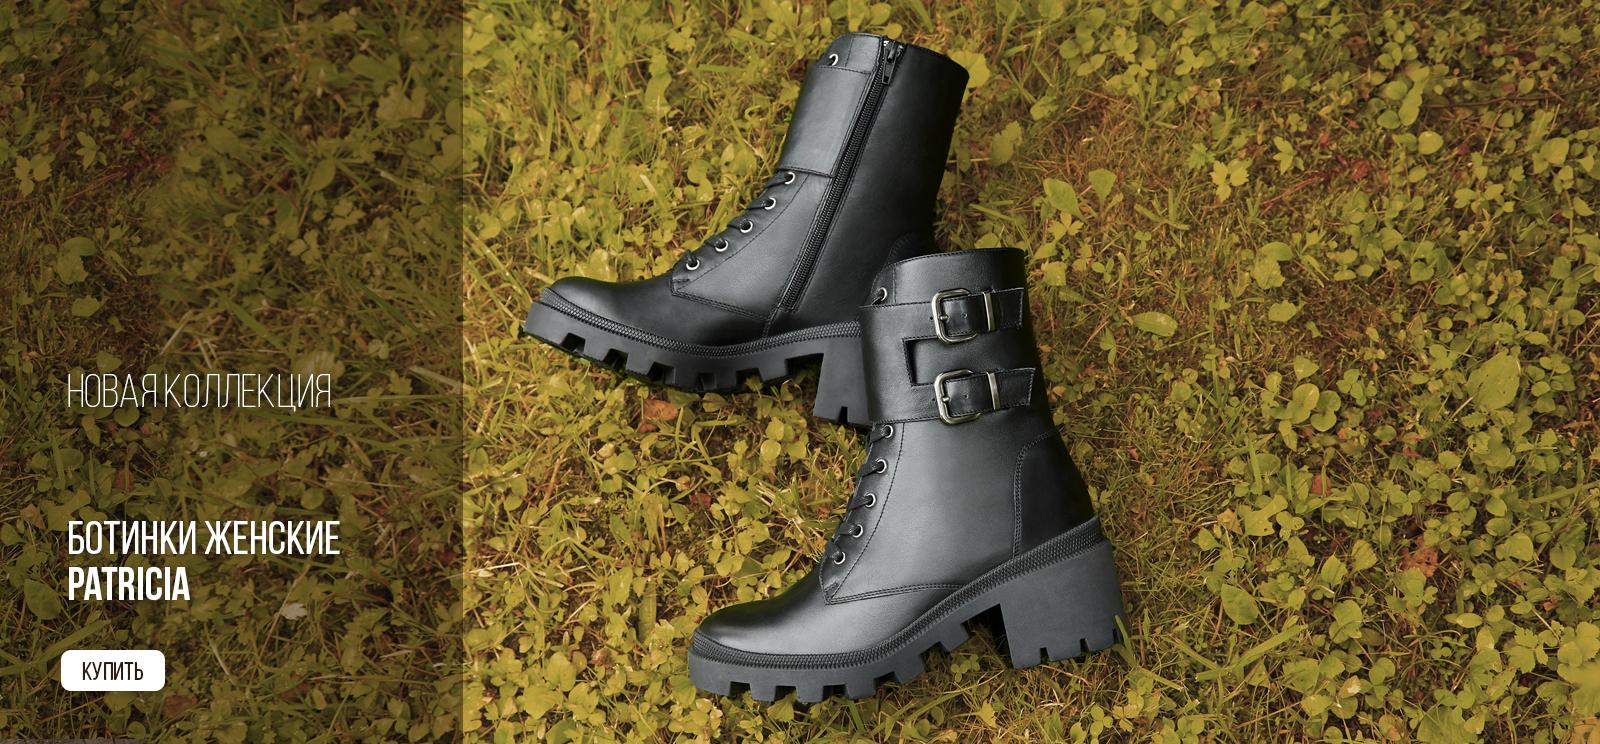 Высокие ботинки PATRICIA